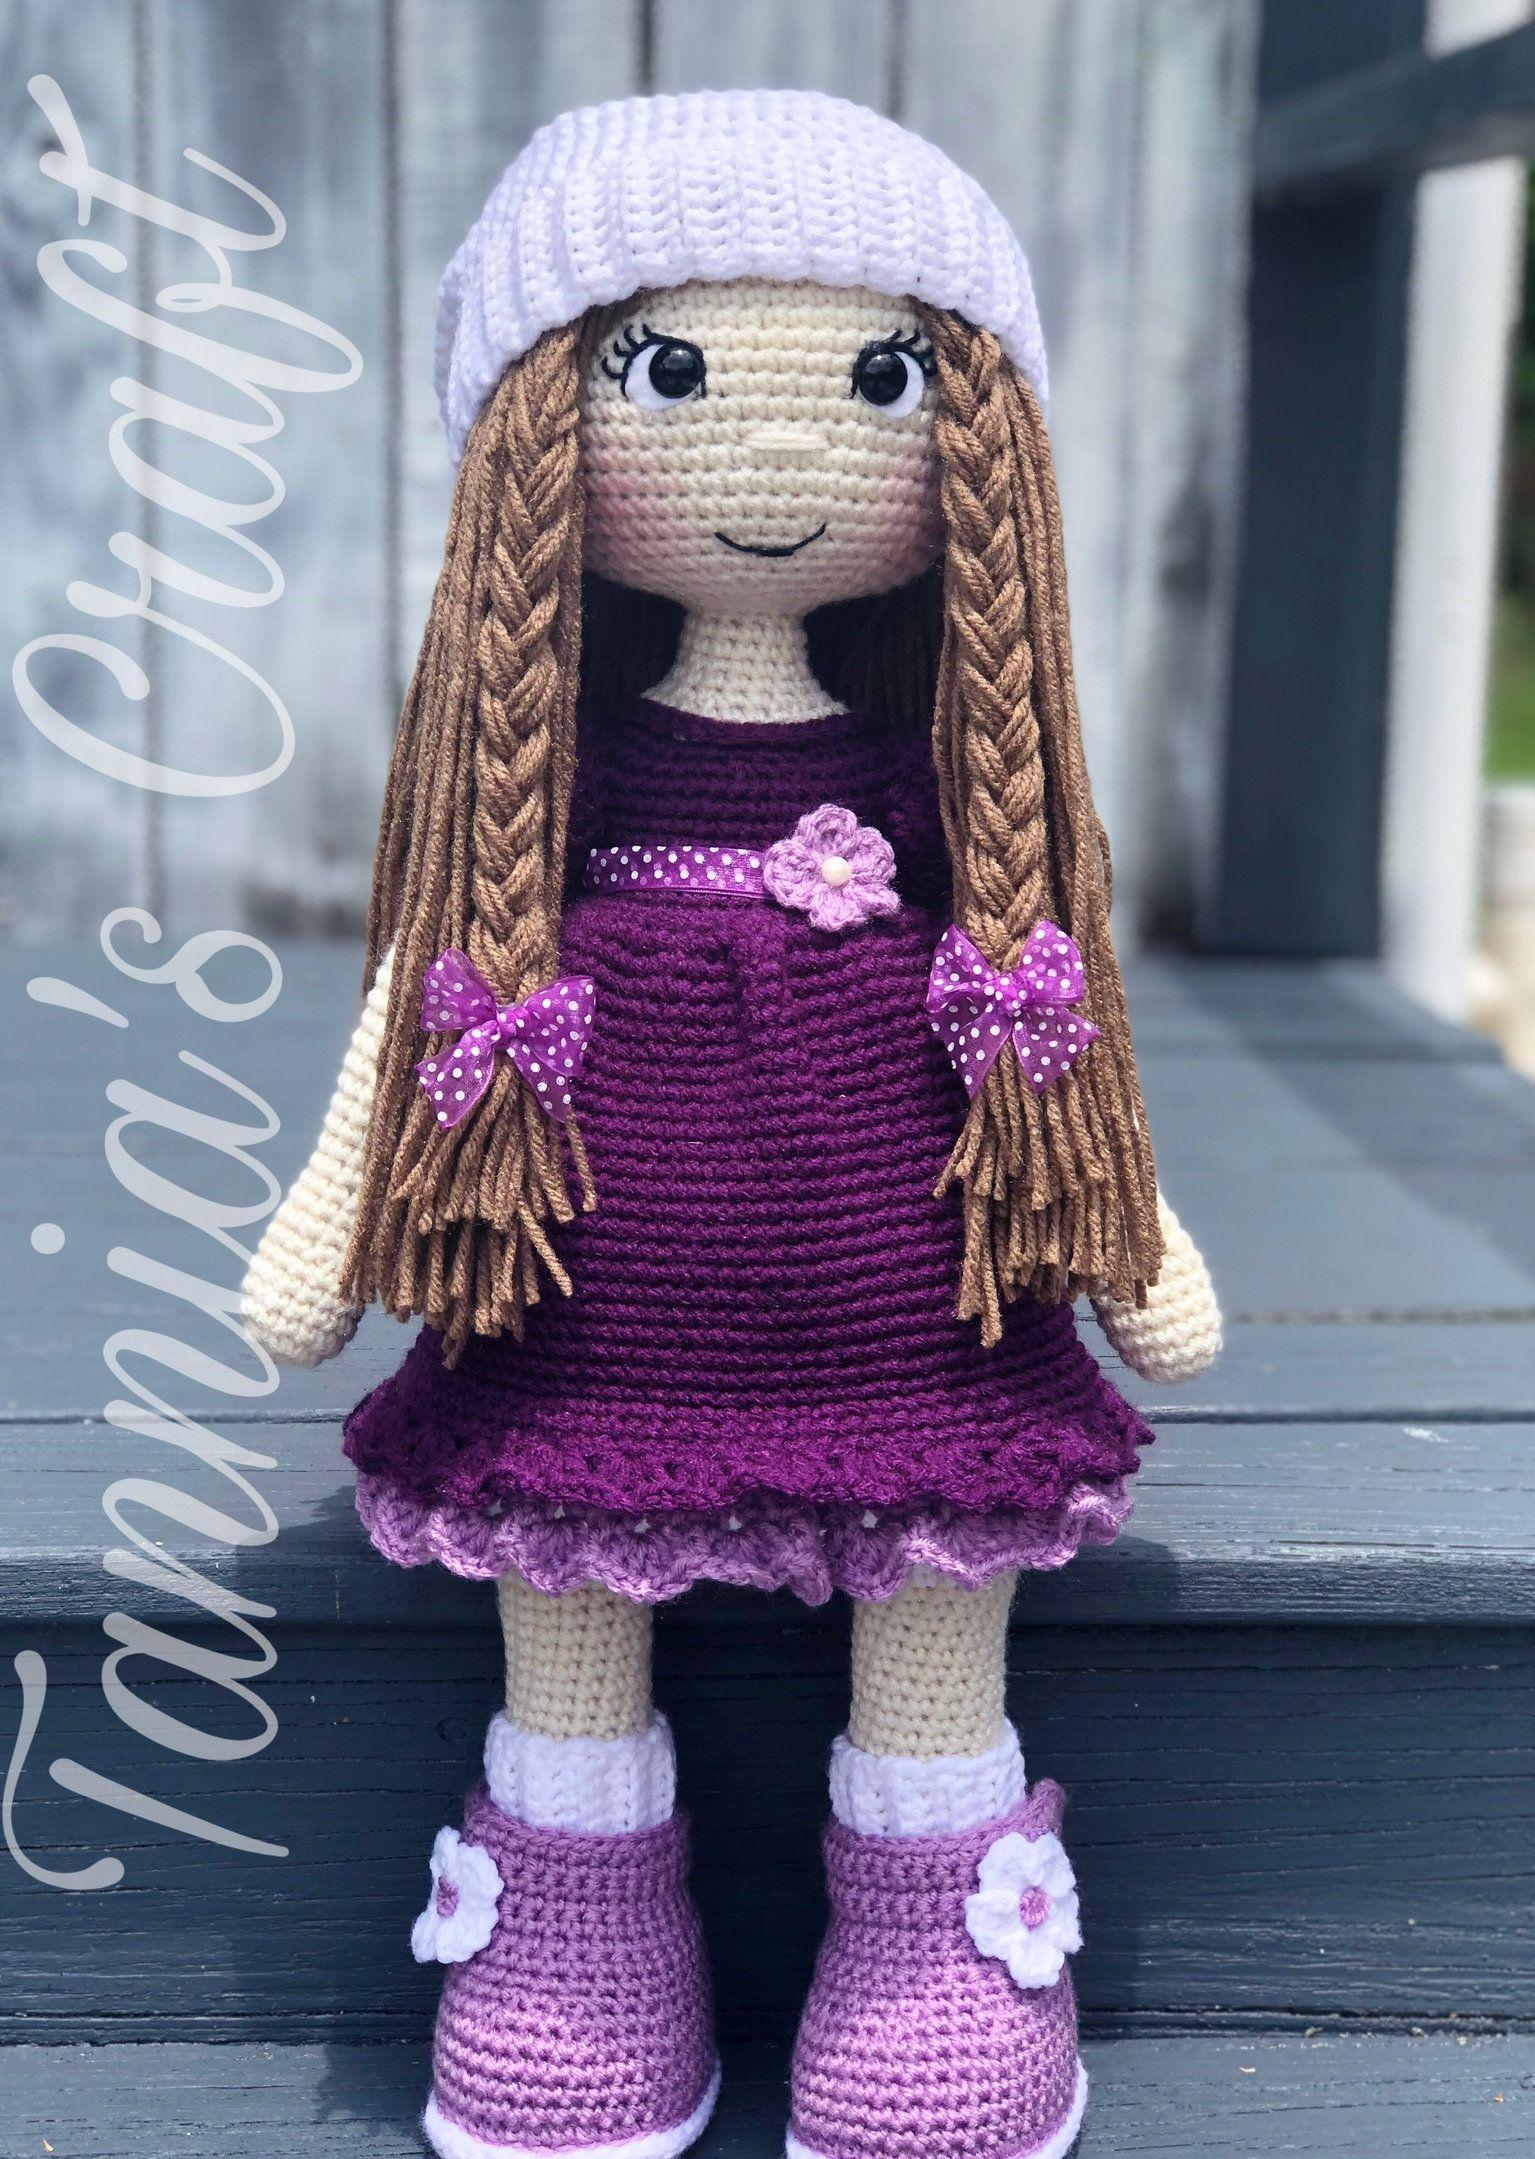 Häkeln Sie ADRY Puppe, lila Kleid, Amigurumi Puppe, häkeln Puppe, gefüllte Puppe, handgemachte Puppe #dolldresspatterns